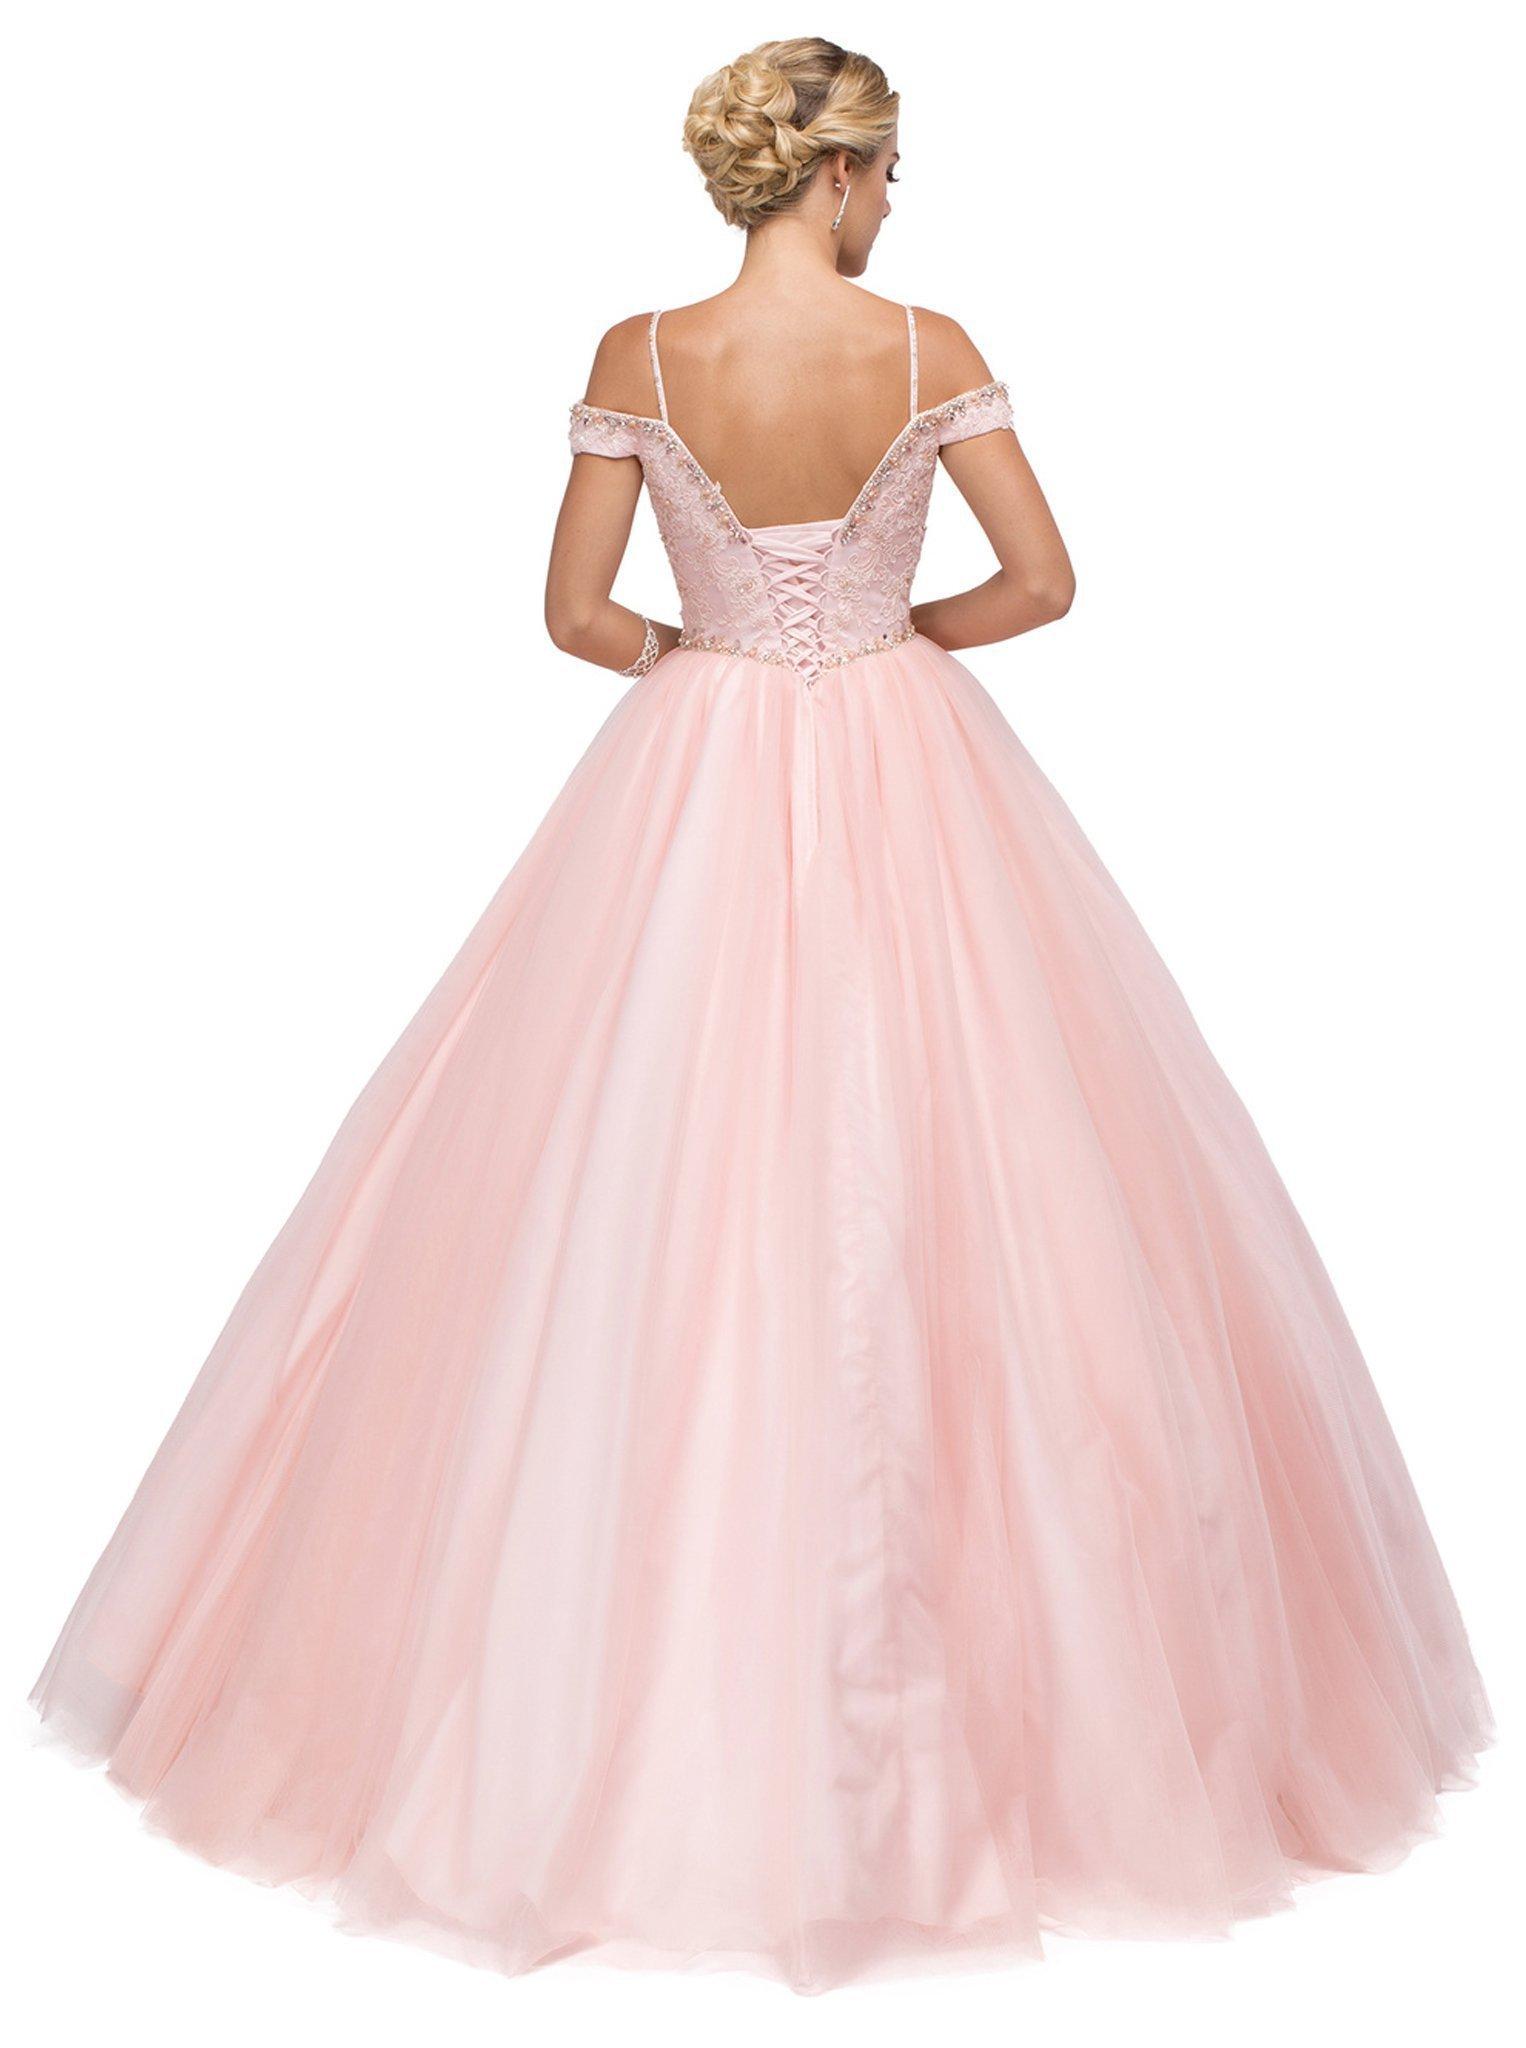 Dancing Queen - 1154 Fabulous Off-Shoulder Beaded Quinceanera Gown